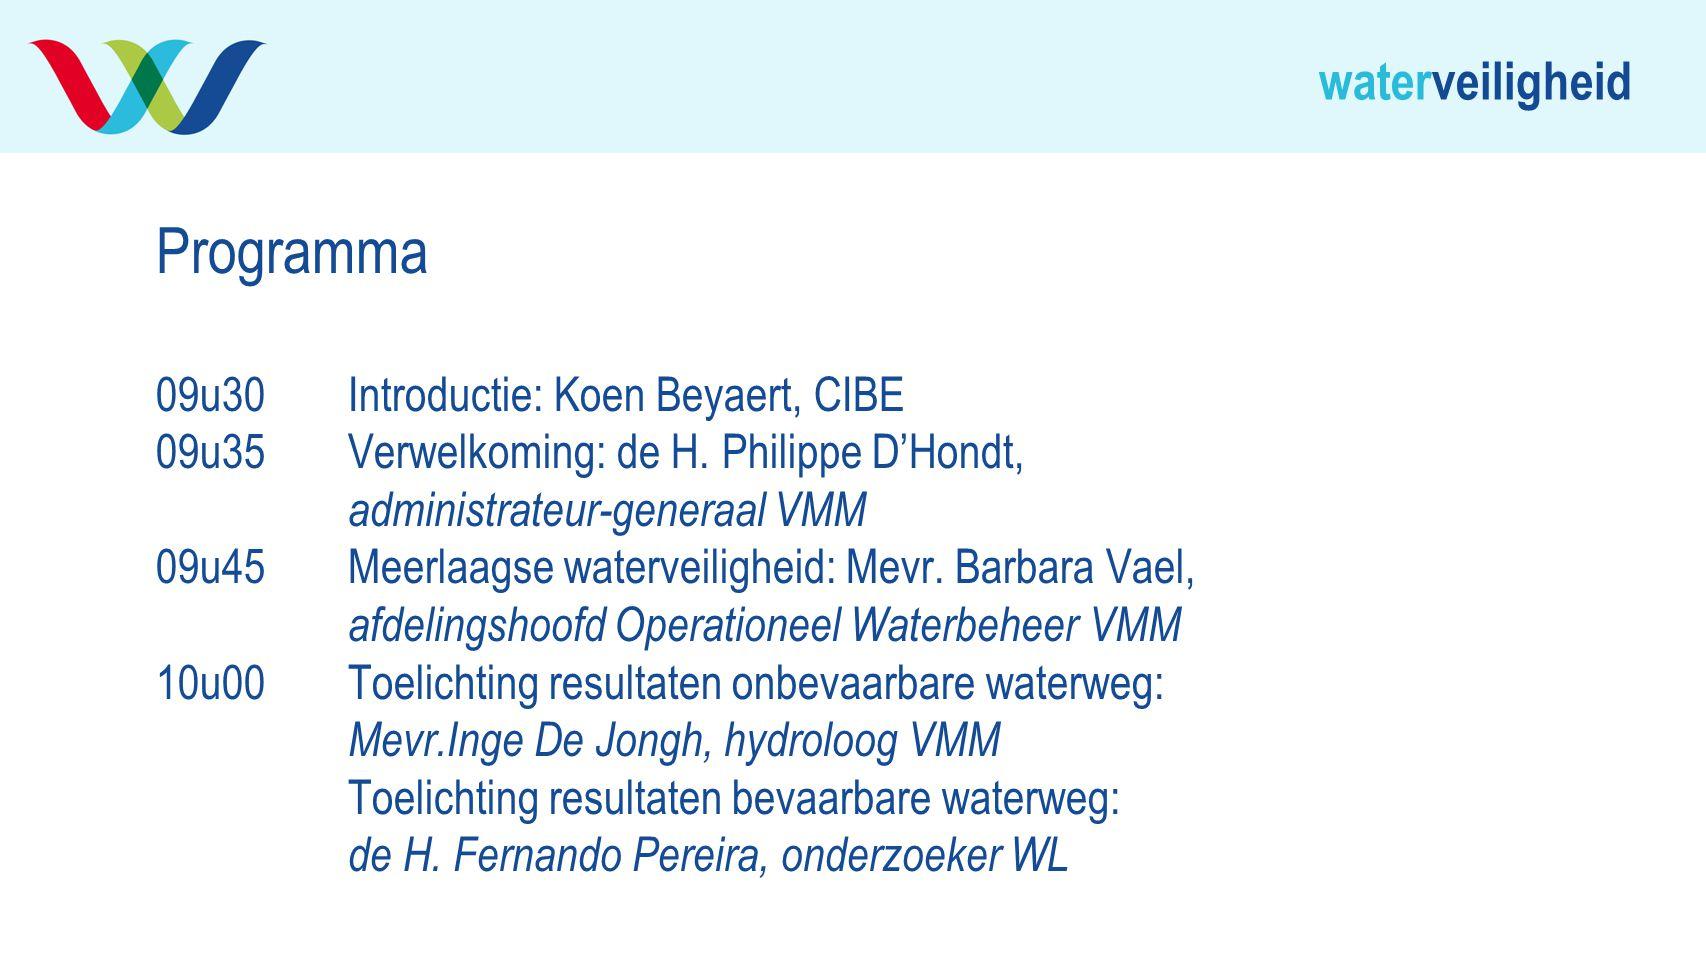 Programma 09u30 Introductie: Koen Beyaert, CIBE